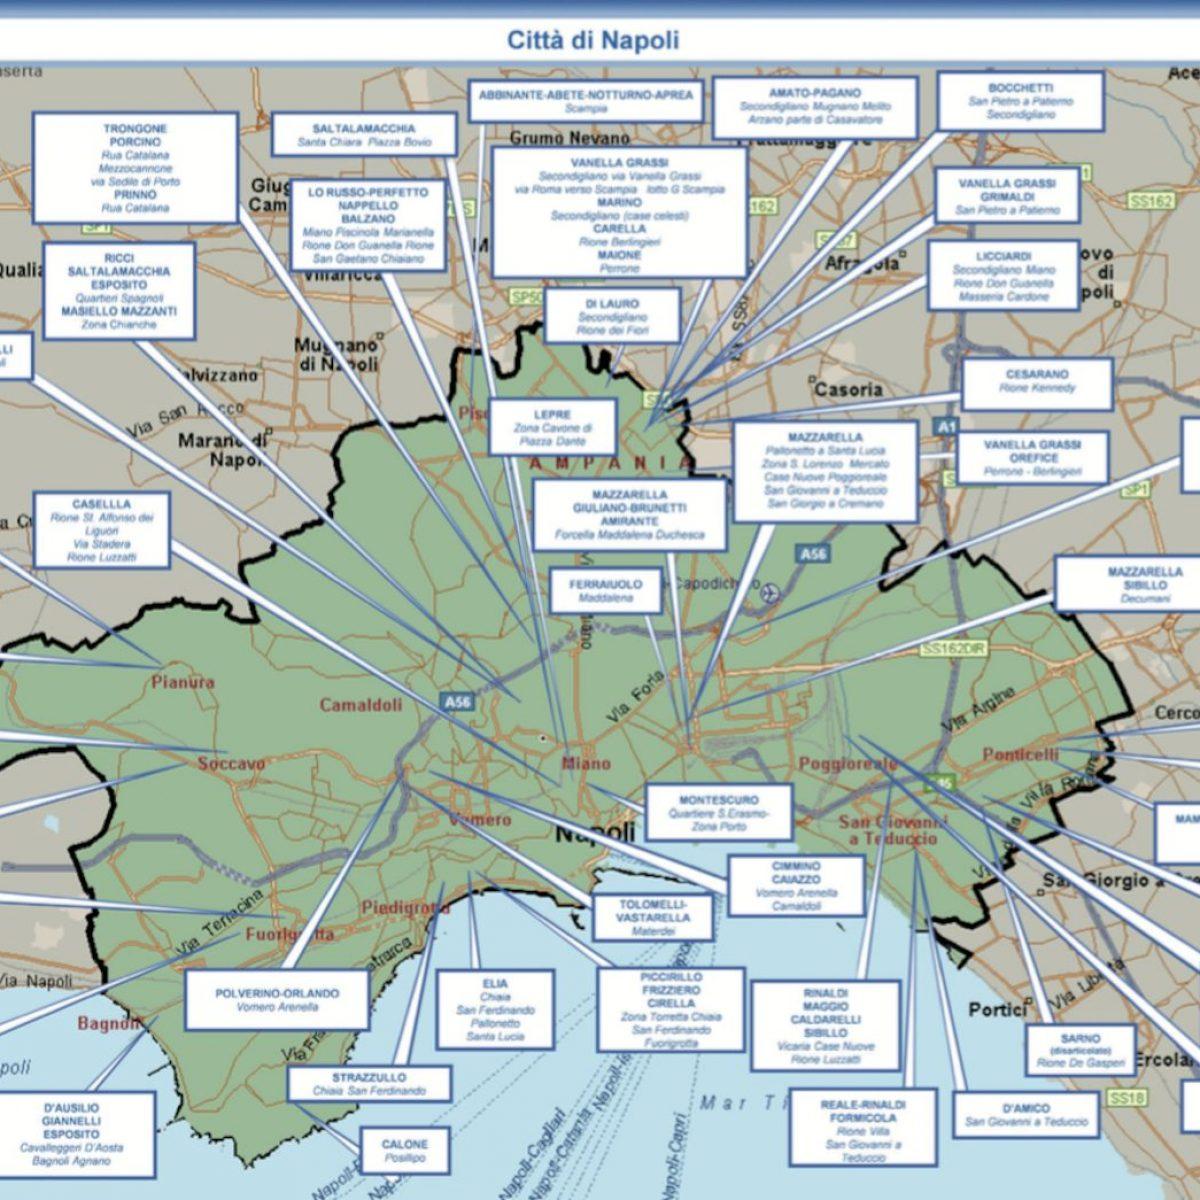 La Cartina Di Napoli.La Mappa Dei Clan Di Camorra A Napoli